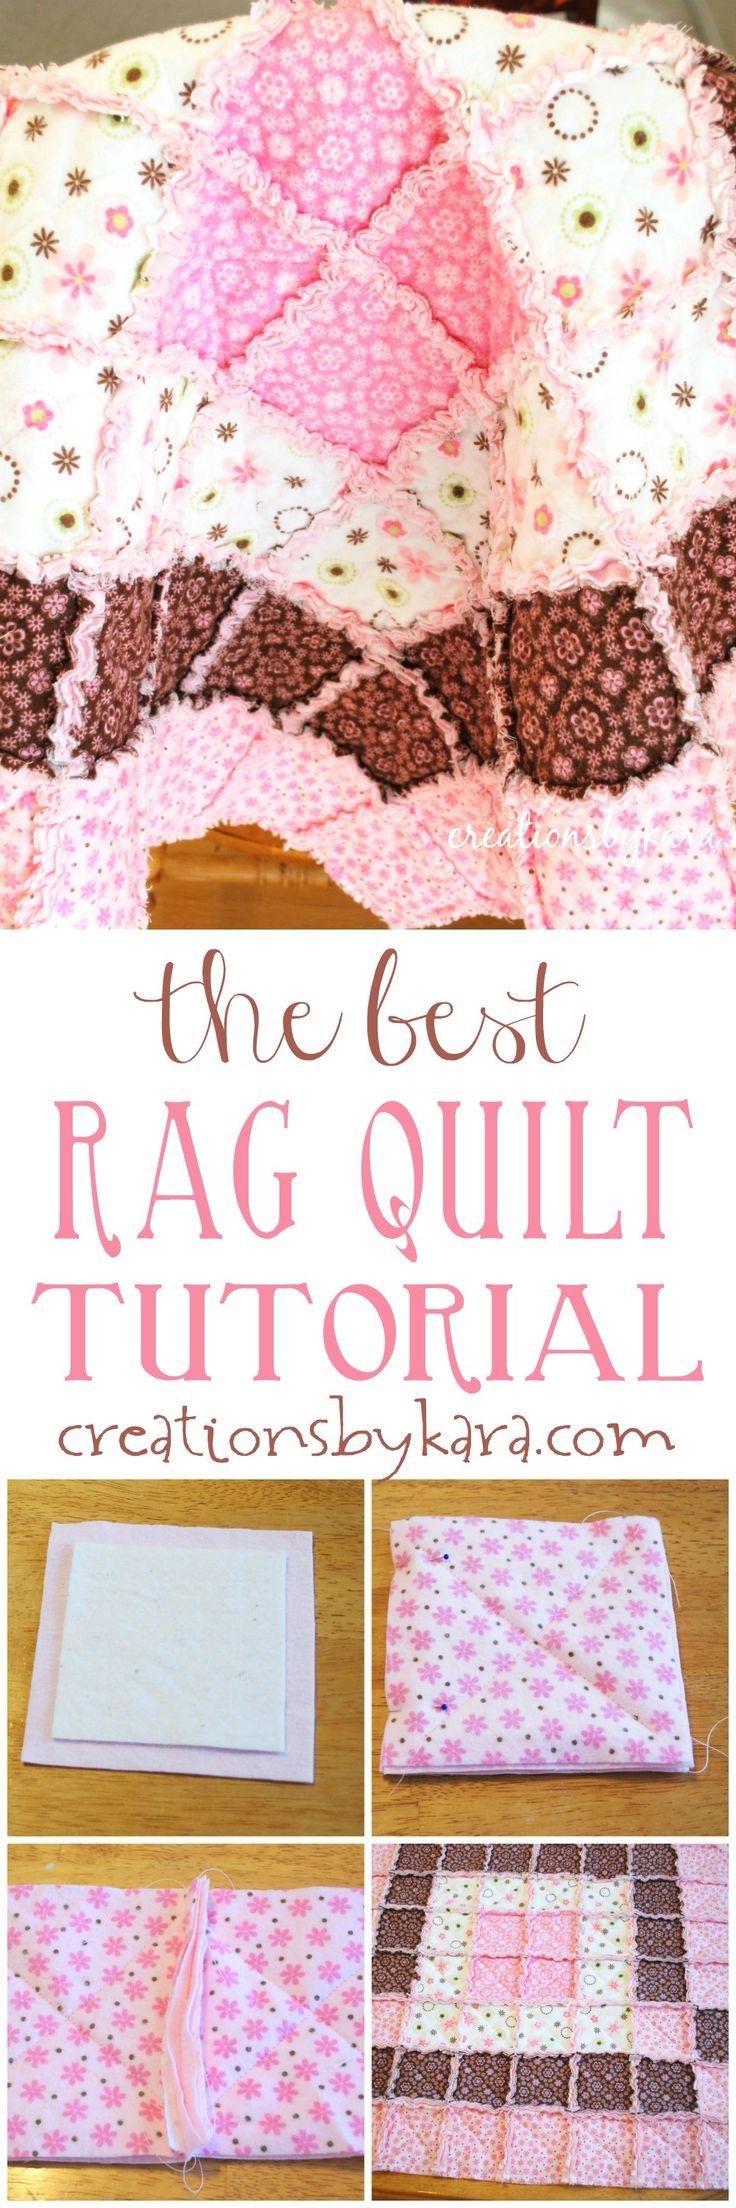 Este é o melhor tutorial você vai encontrar para fazer uma colcha de bebê de pano. Até mesmo um iniciante pode fazer uma bela colcha de pano com estes instruções passo a passo.